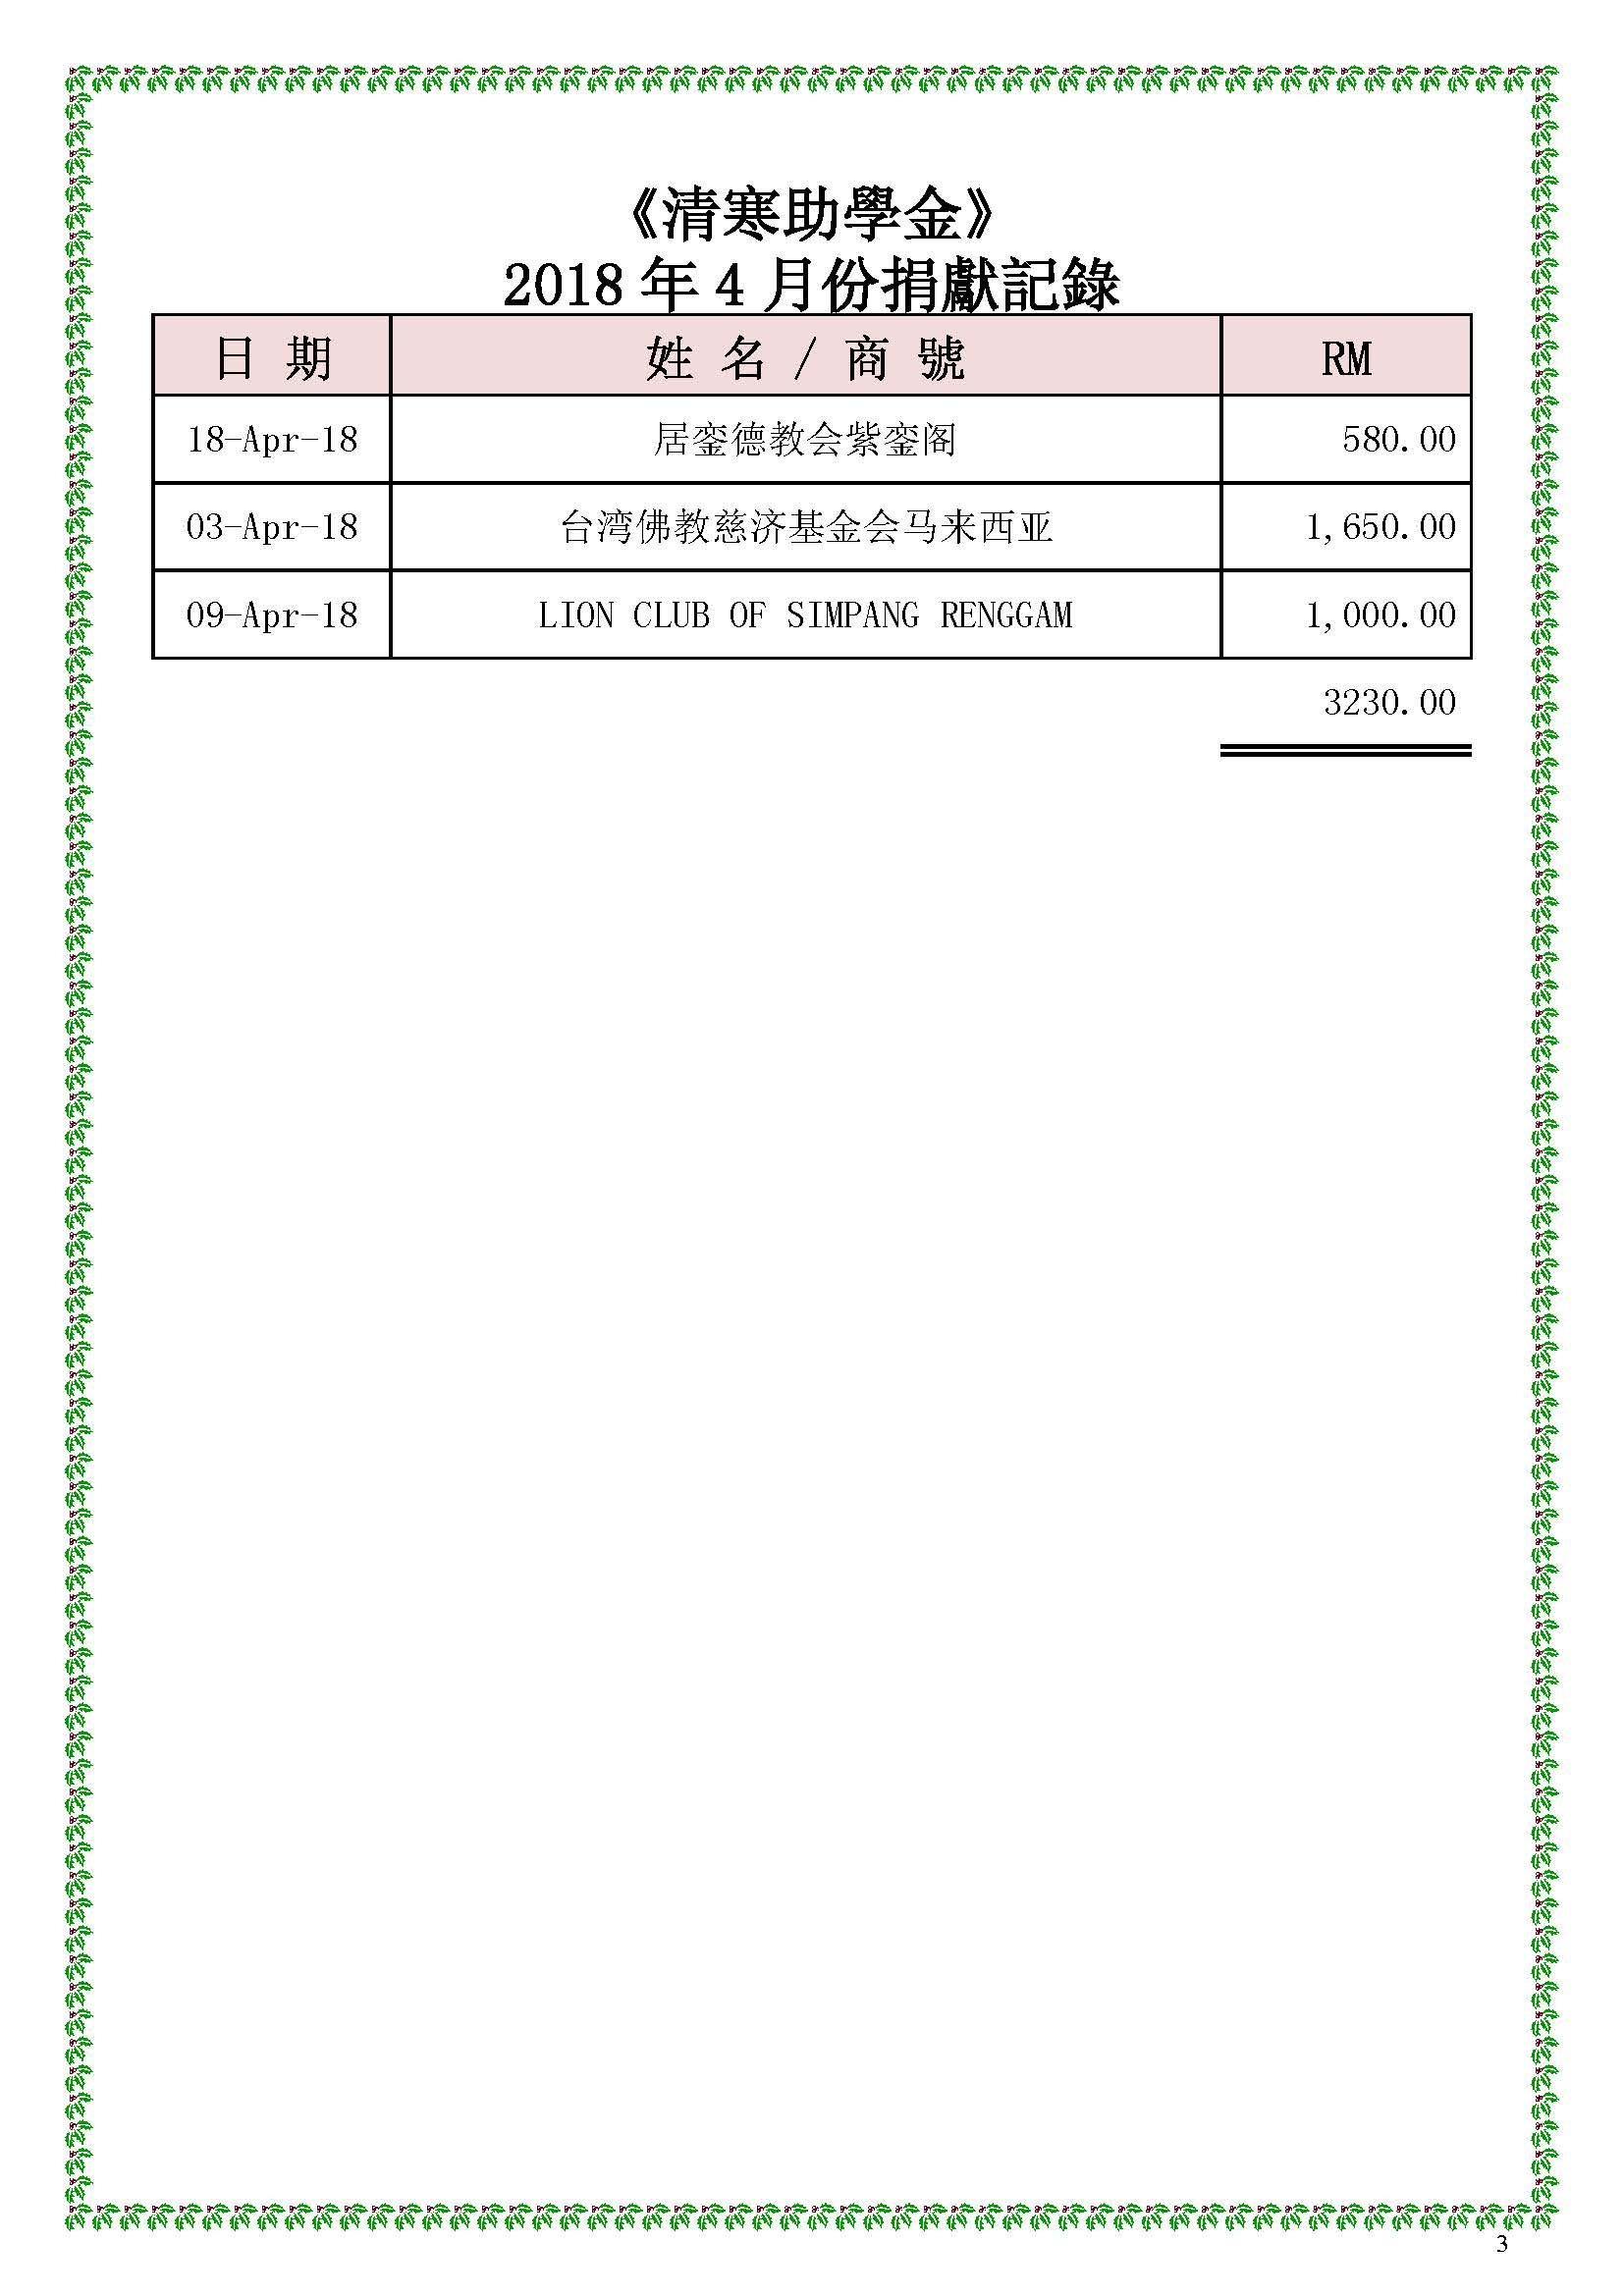 2018年4月份捐獻記錄—修改后_Page_03